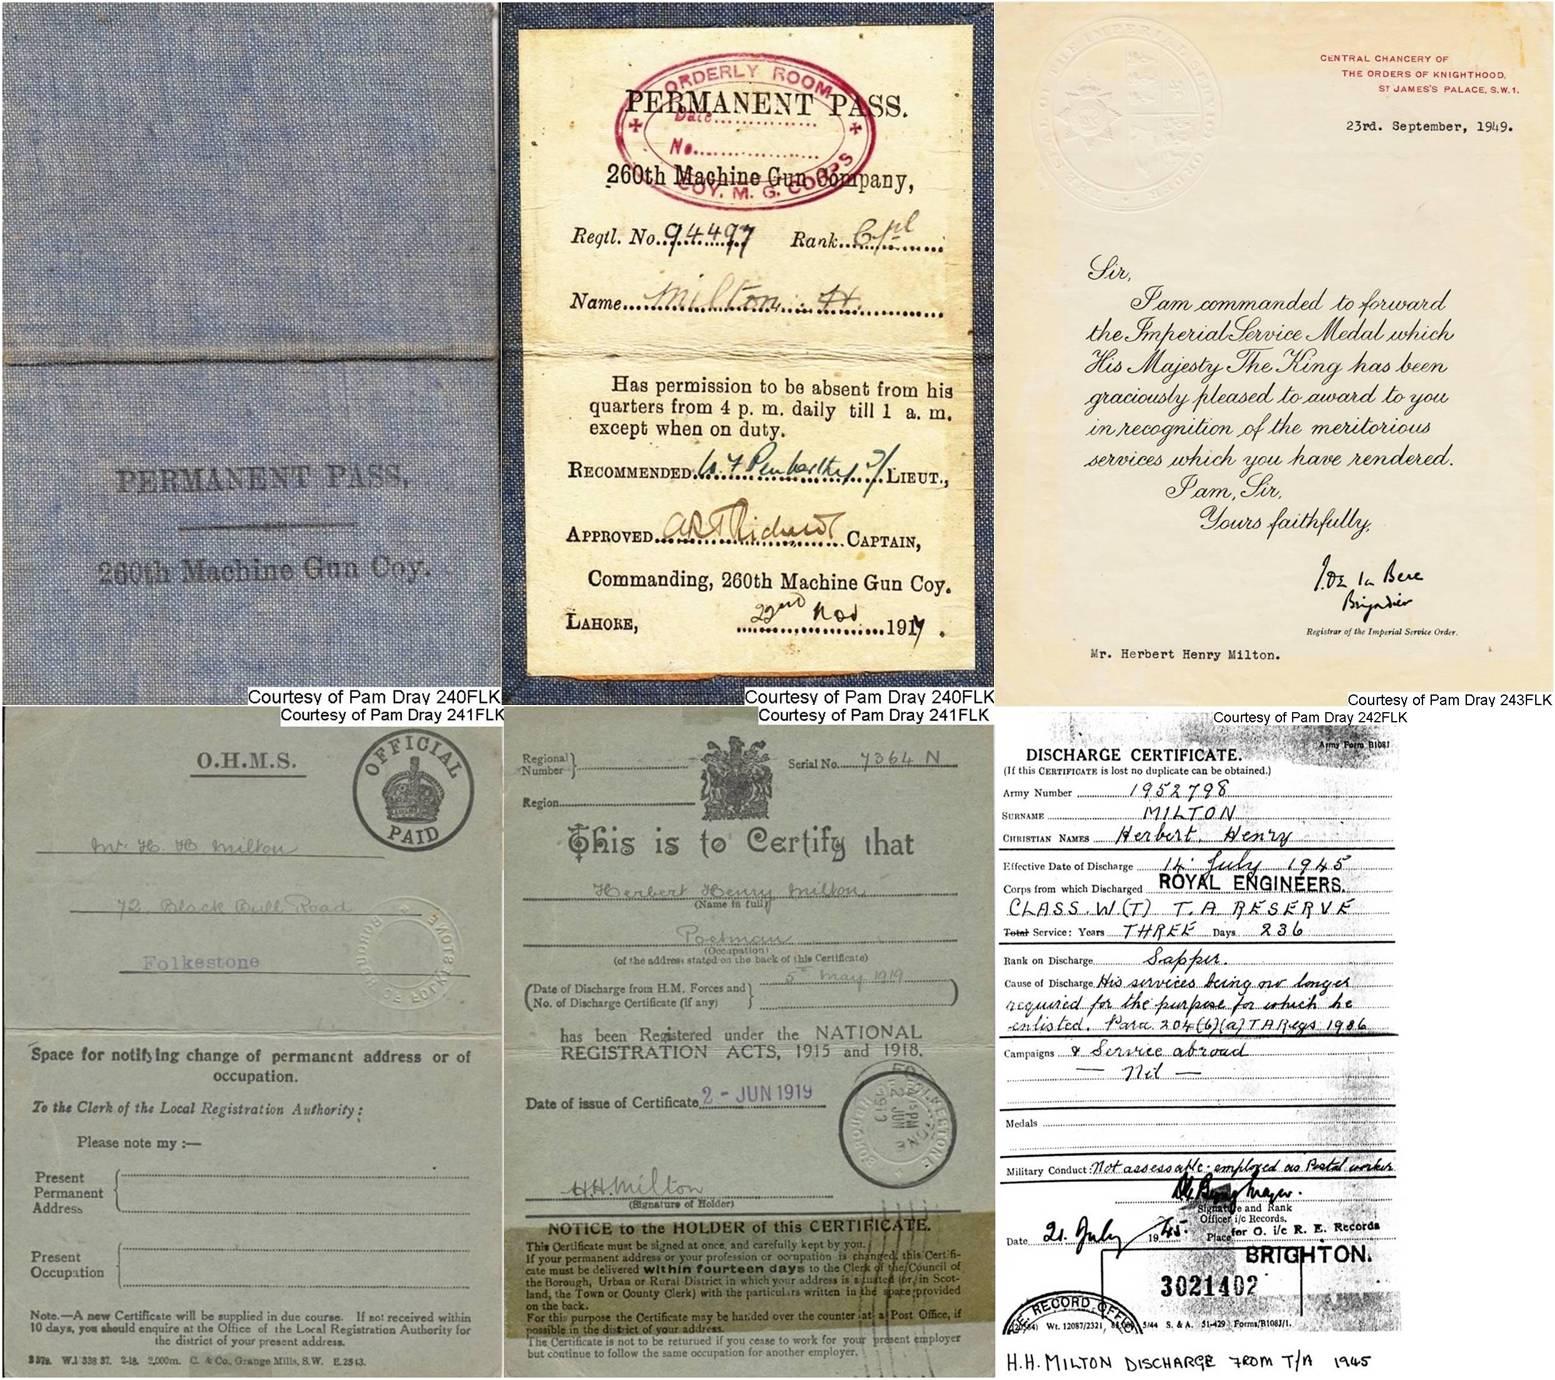 227FLK - Herbert's Documents